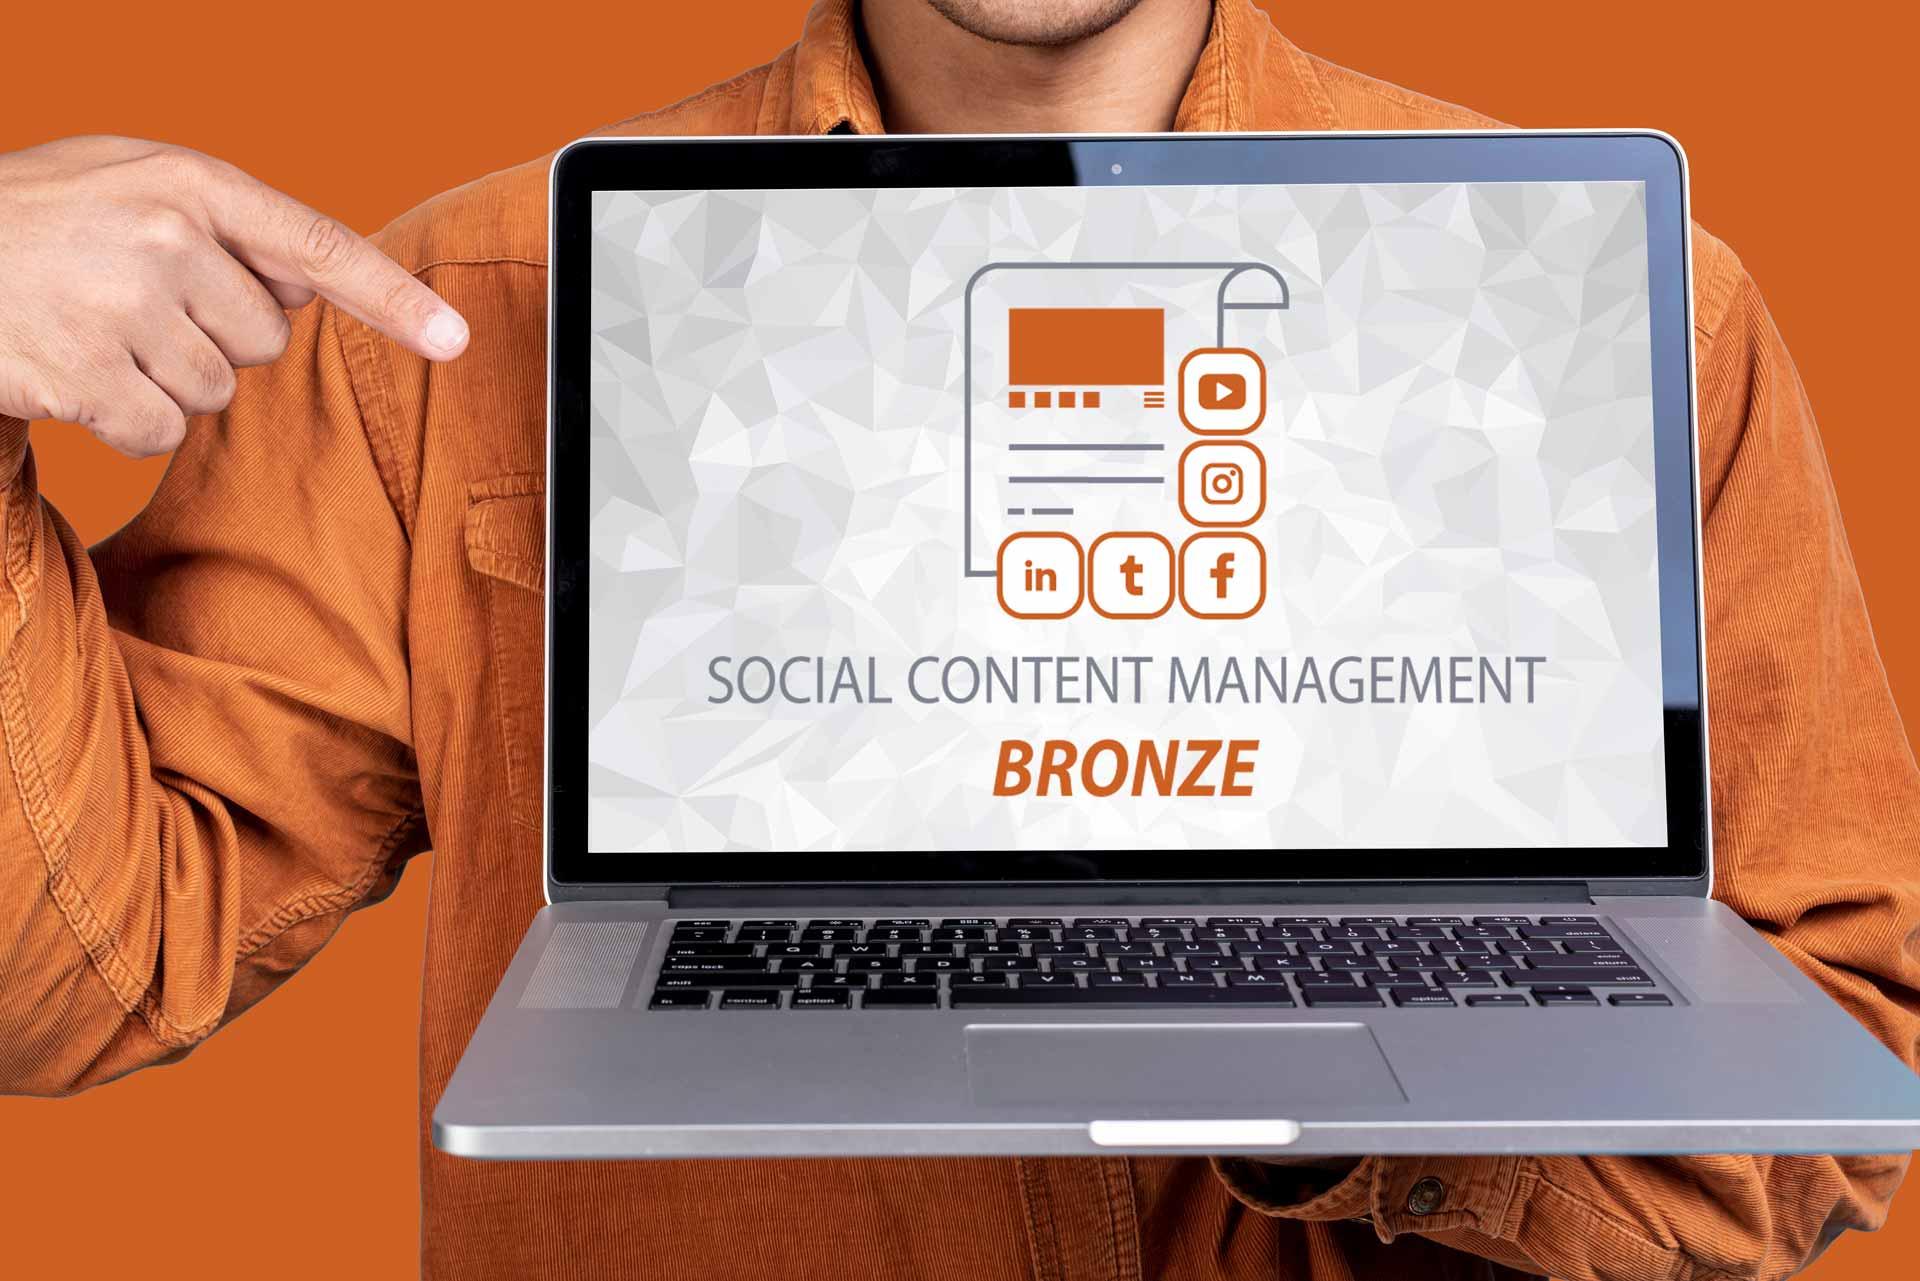 Social-Content-Management-BRONZE